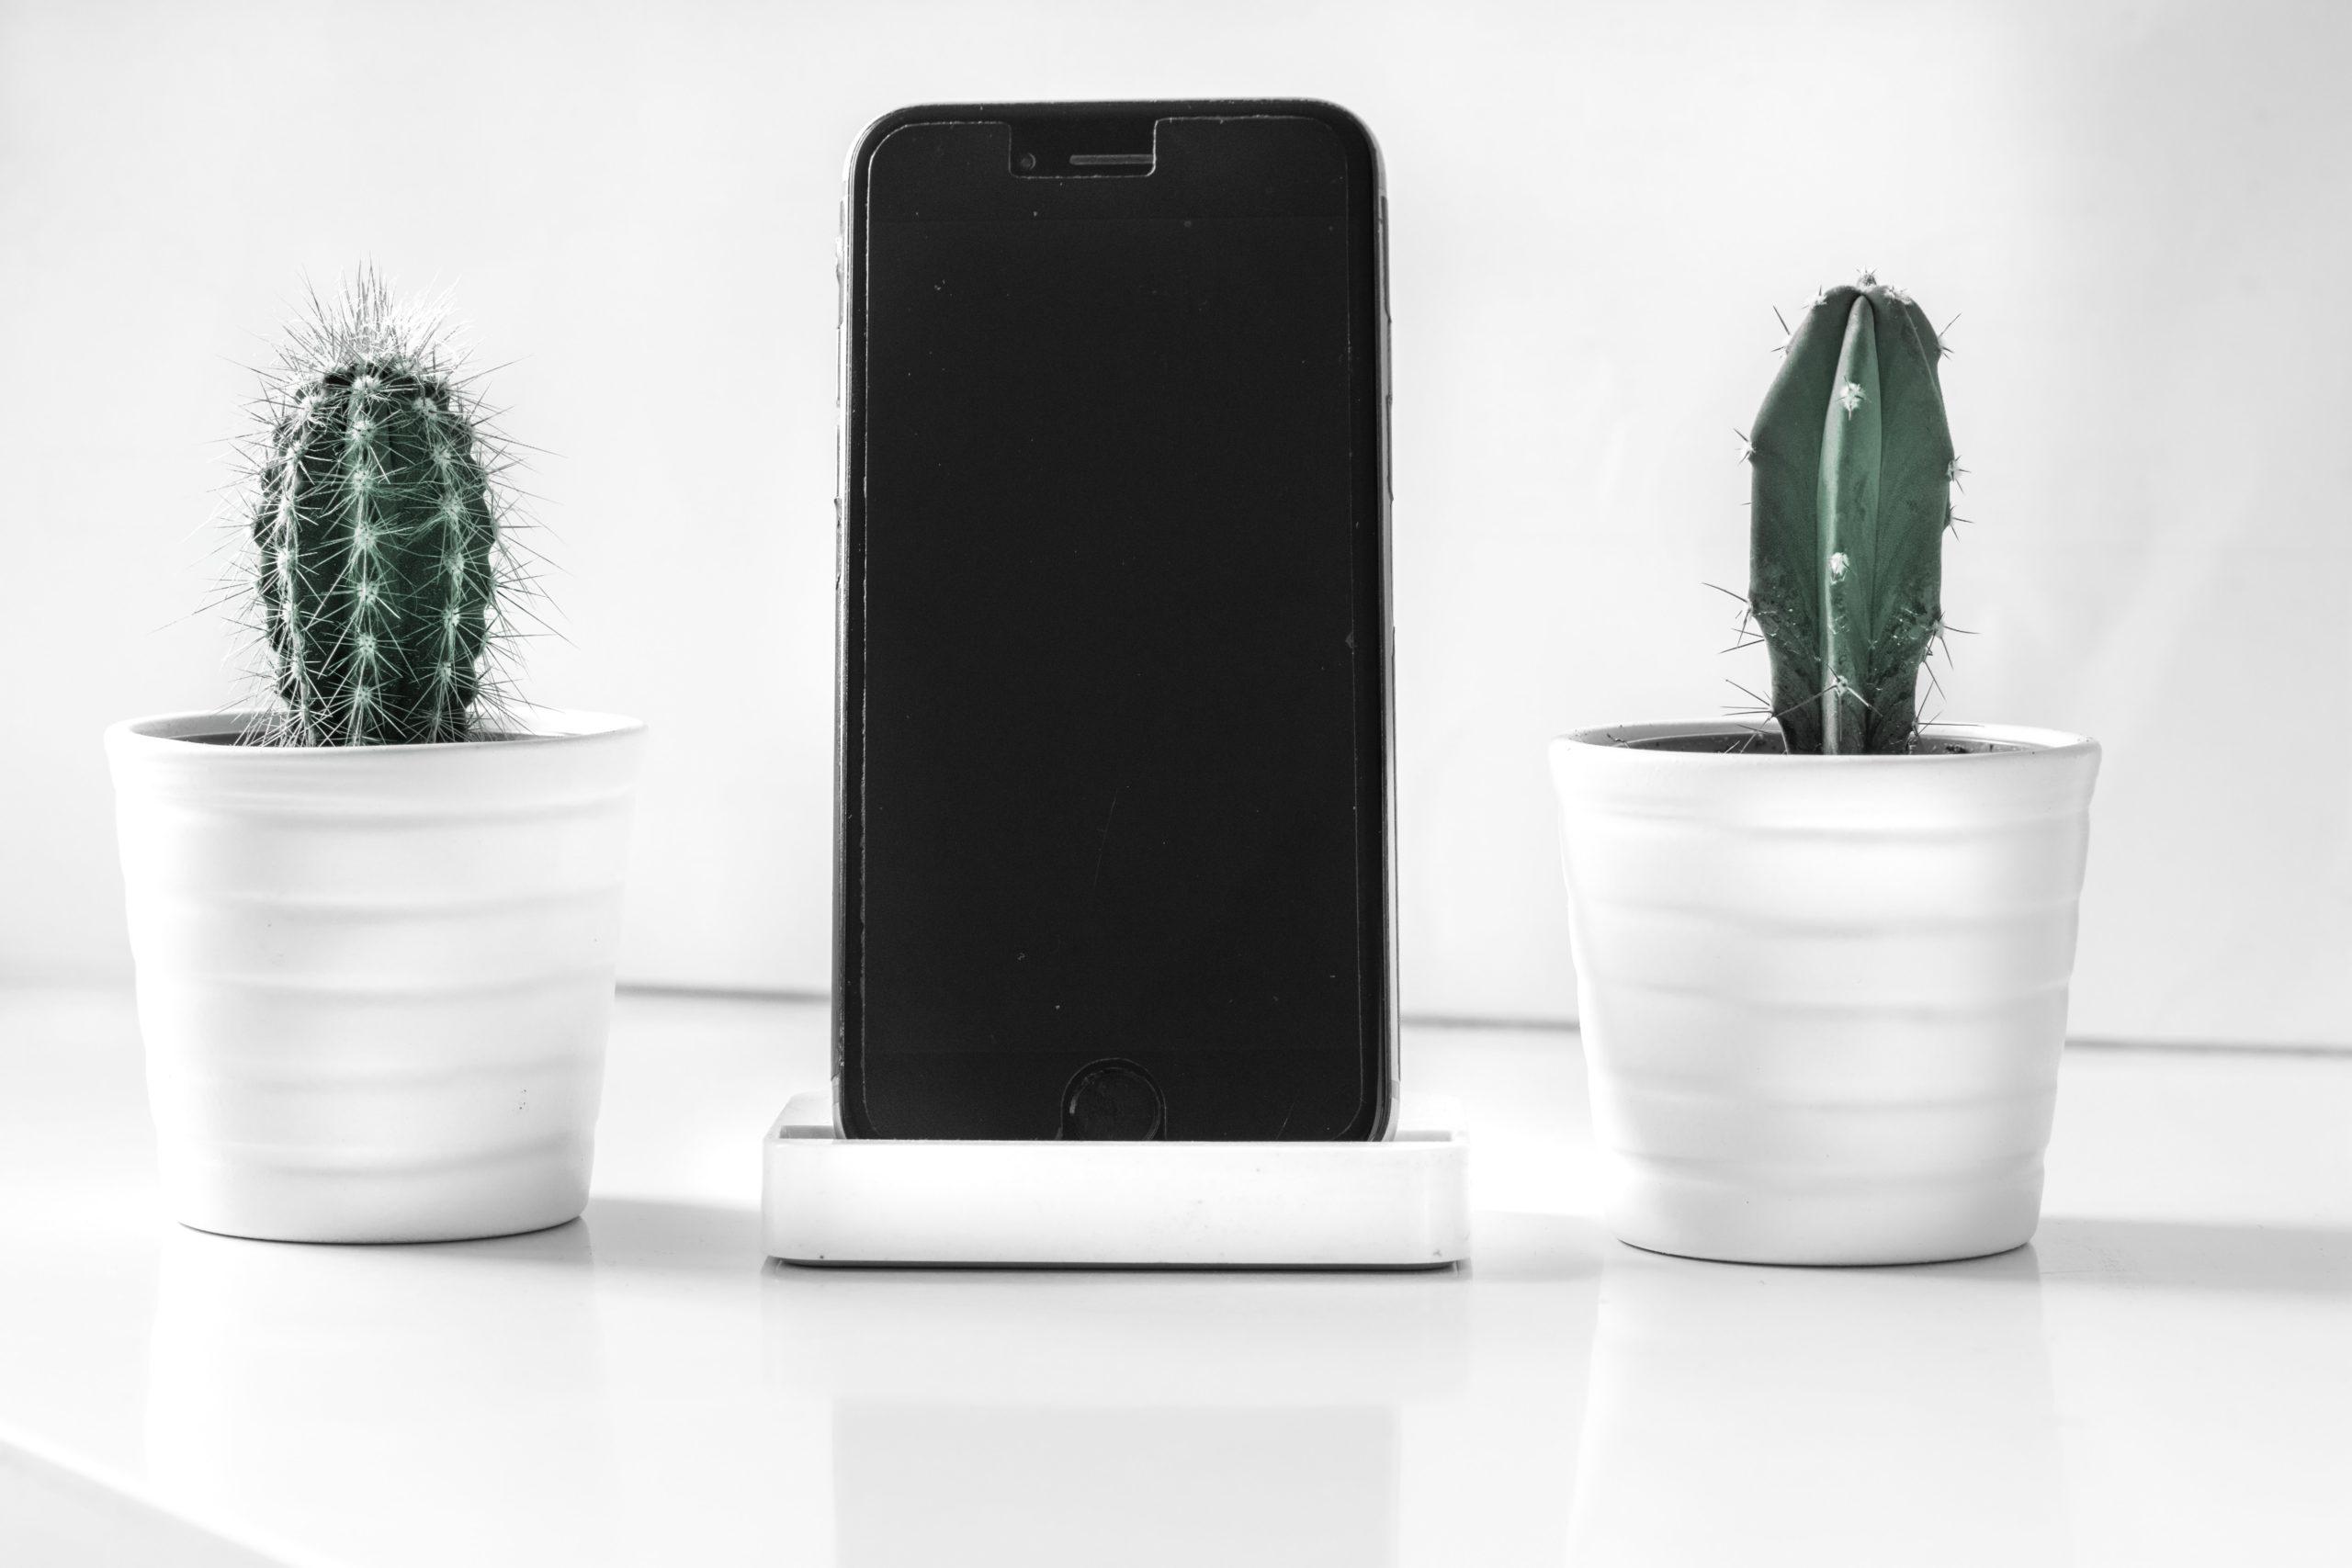 2つのサボテンの間にiPhoneが立ててある画像